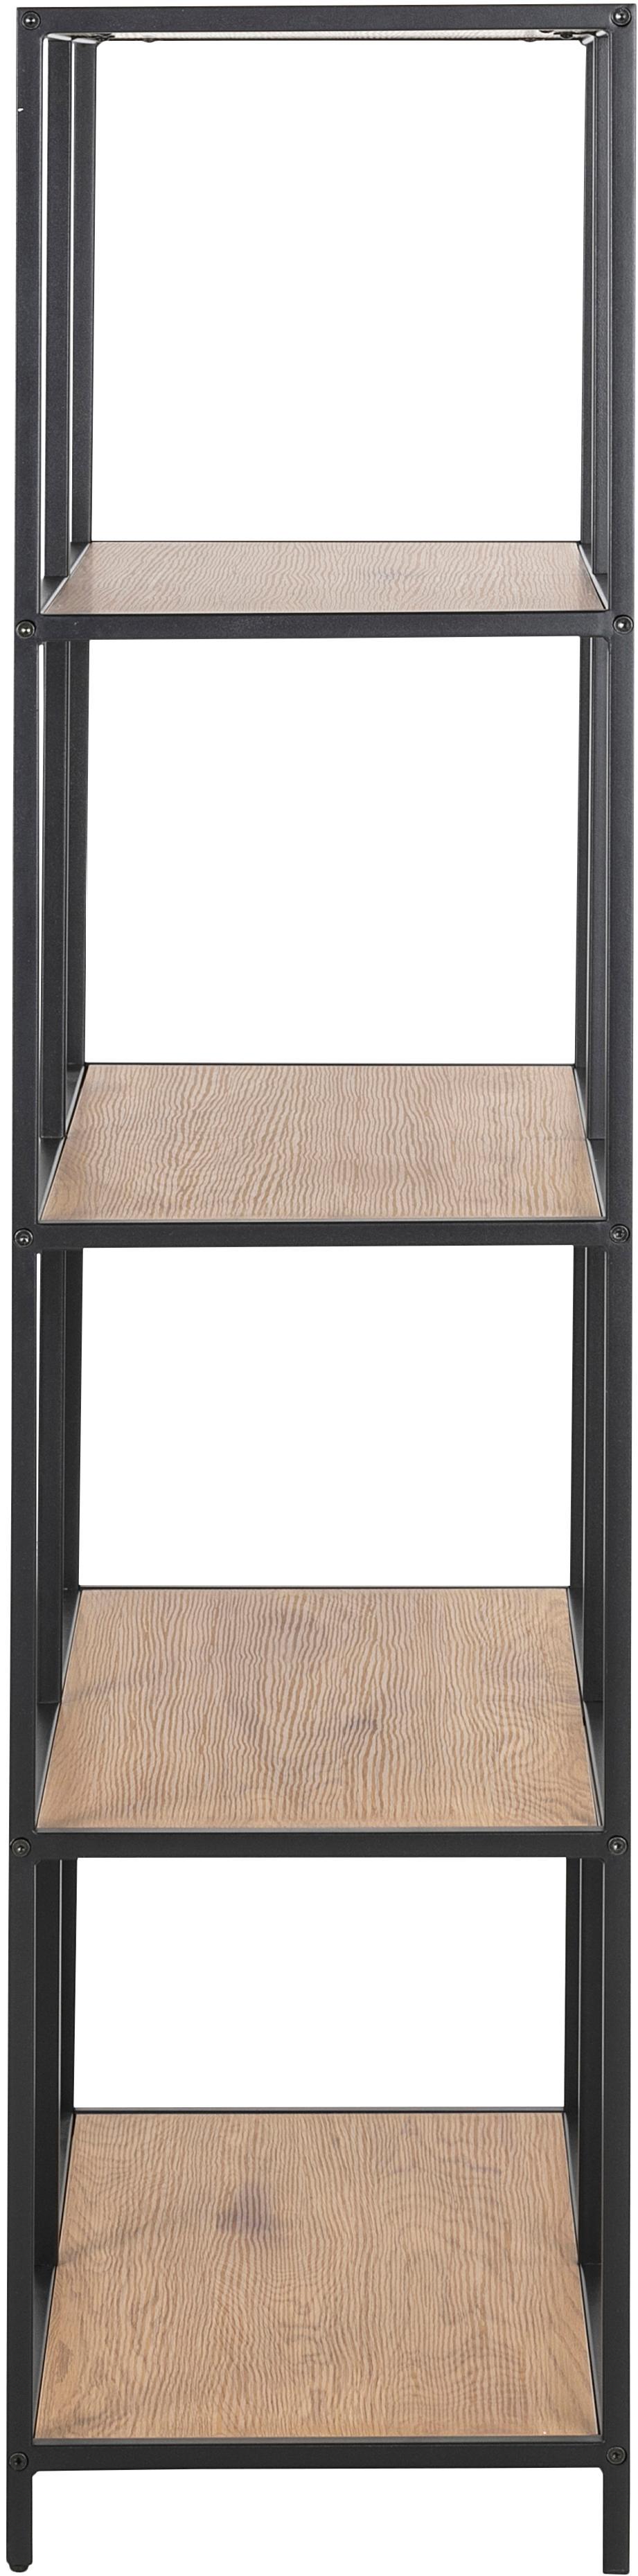 Standregal Seaford aus Holz und Metall, Gestell: Metall, pulverbeschichtet, Braun, 77 x 150 cm